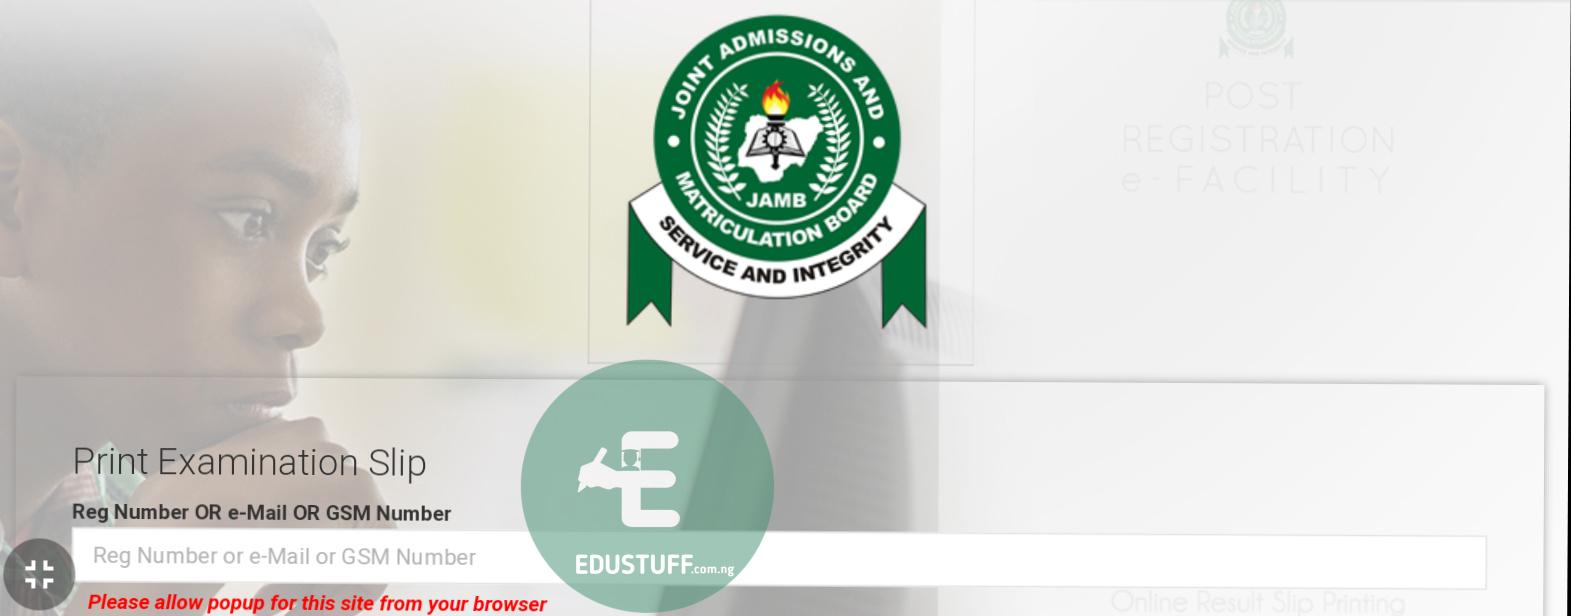 Jamb exam slip printing portal